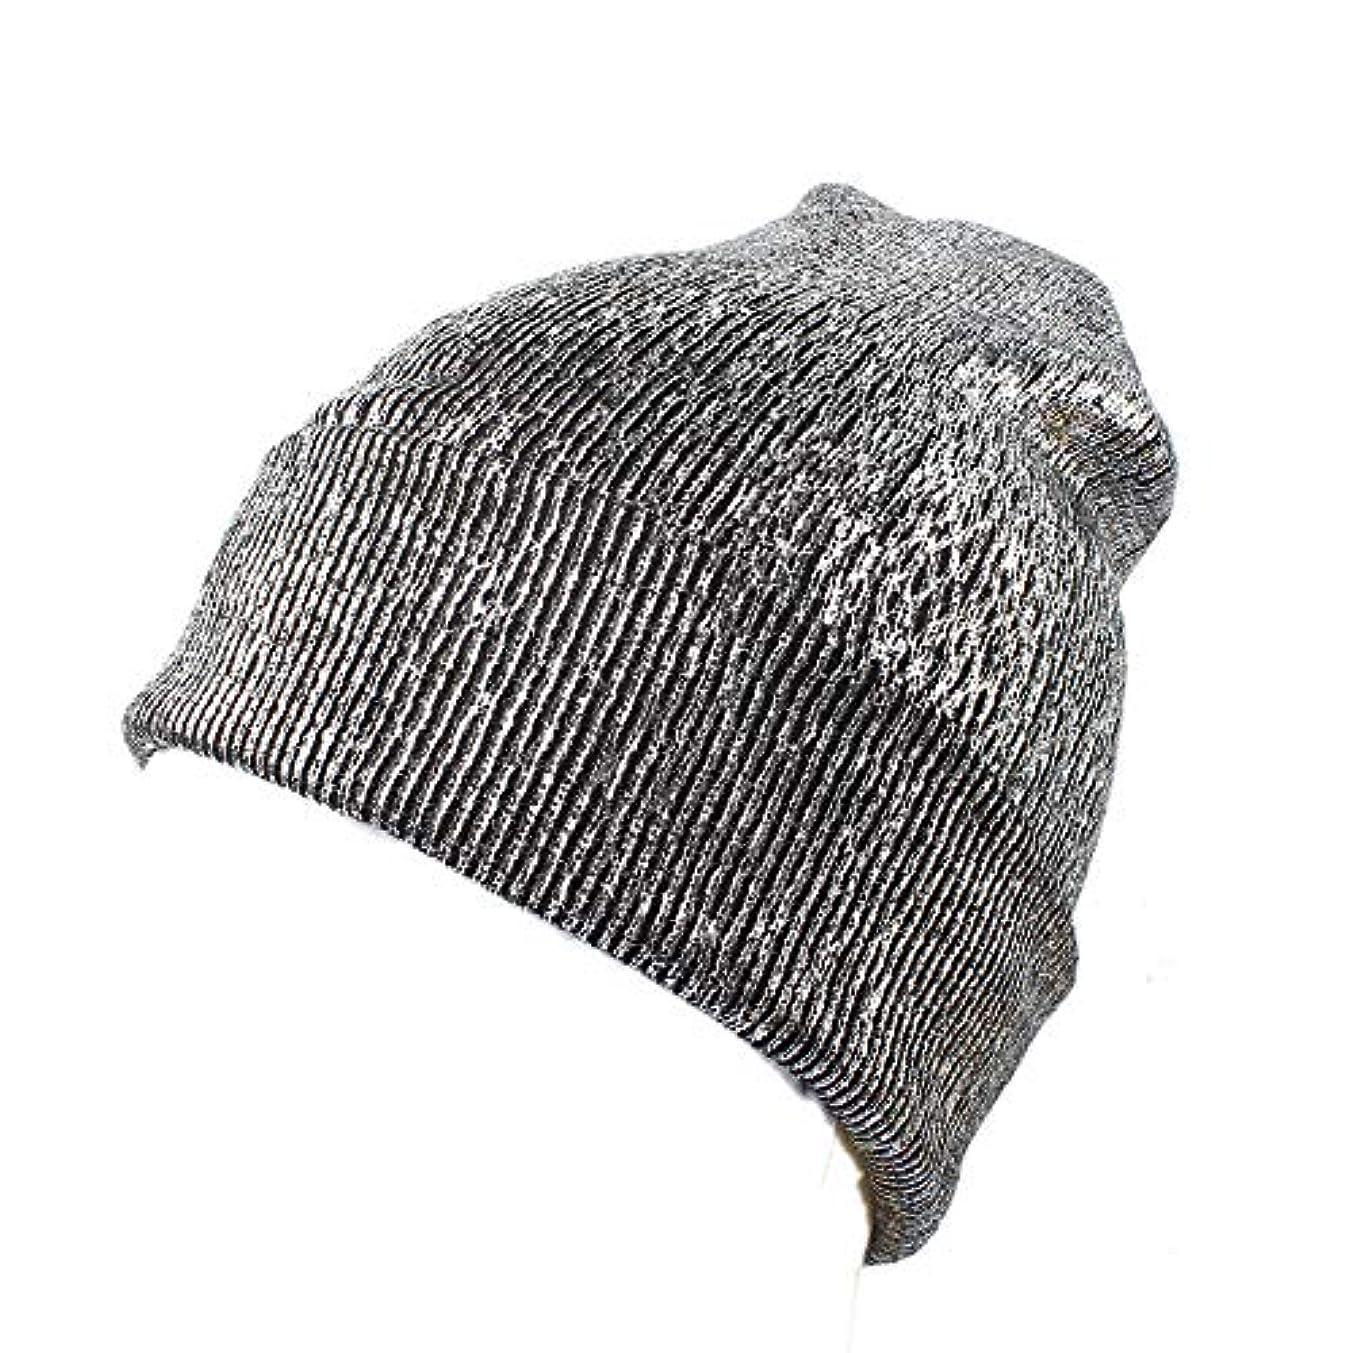 一元化するファウルなんとなくRacazing 選べる3色 クリスマスの冬 ニット帽 耳保護 光沢 ニット帽 チェック ファッション 防寒対策 防風 暖かい 軽量 屋外 スキー 自転車 クリスマス ニット帽 Hat 女性用 (シルバー)